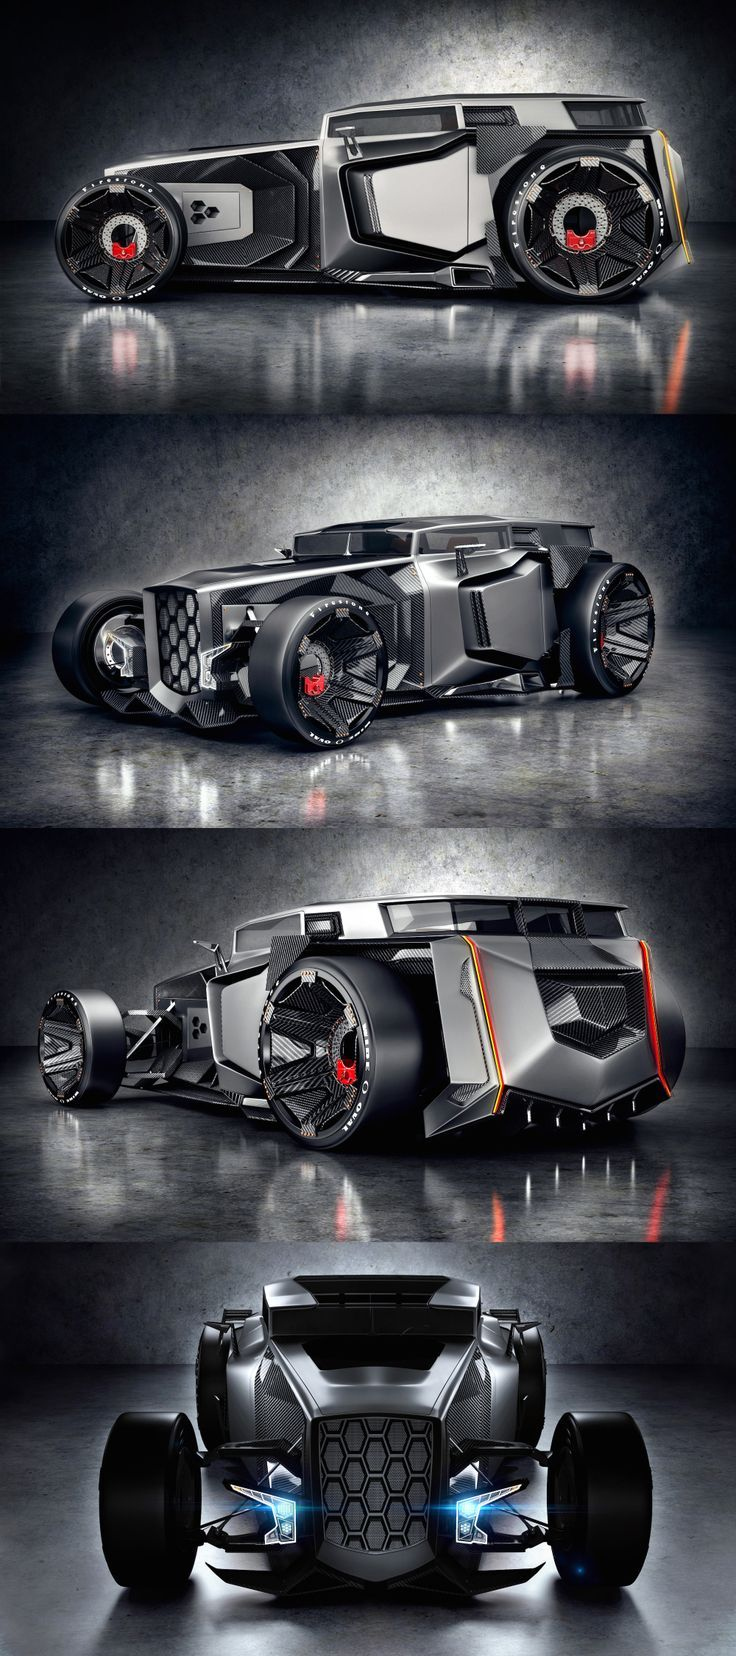 Awesome Lamborghini Hot Rod  Concept  87c4779153a